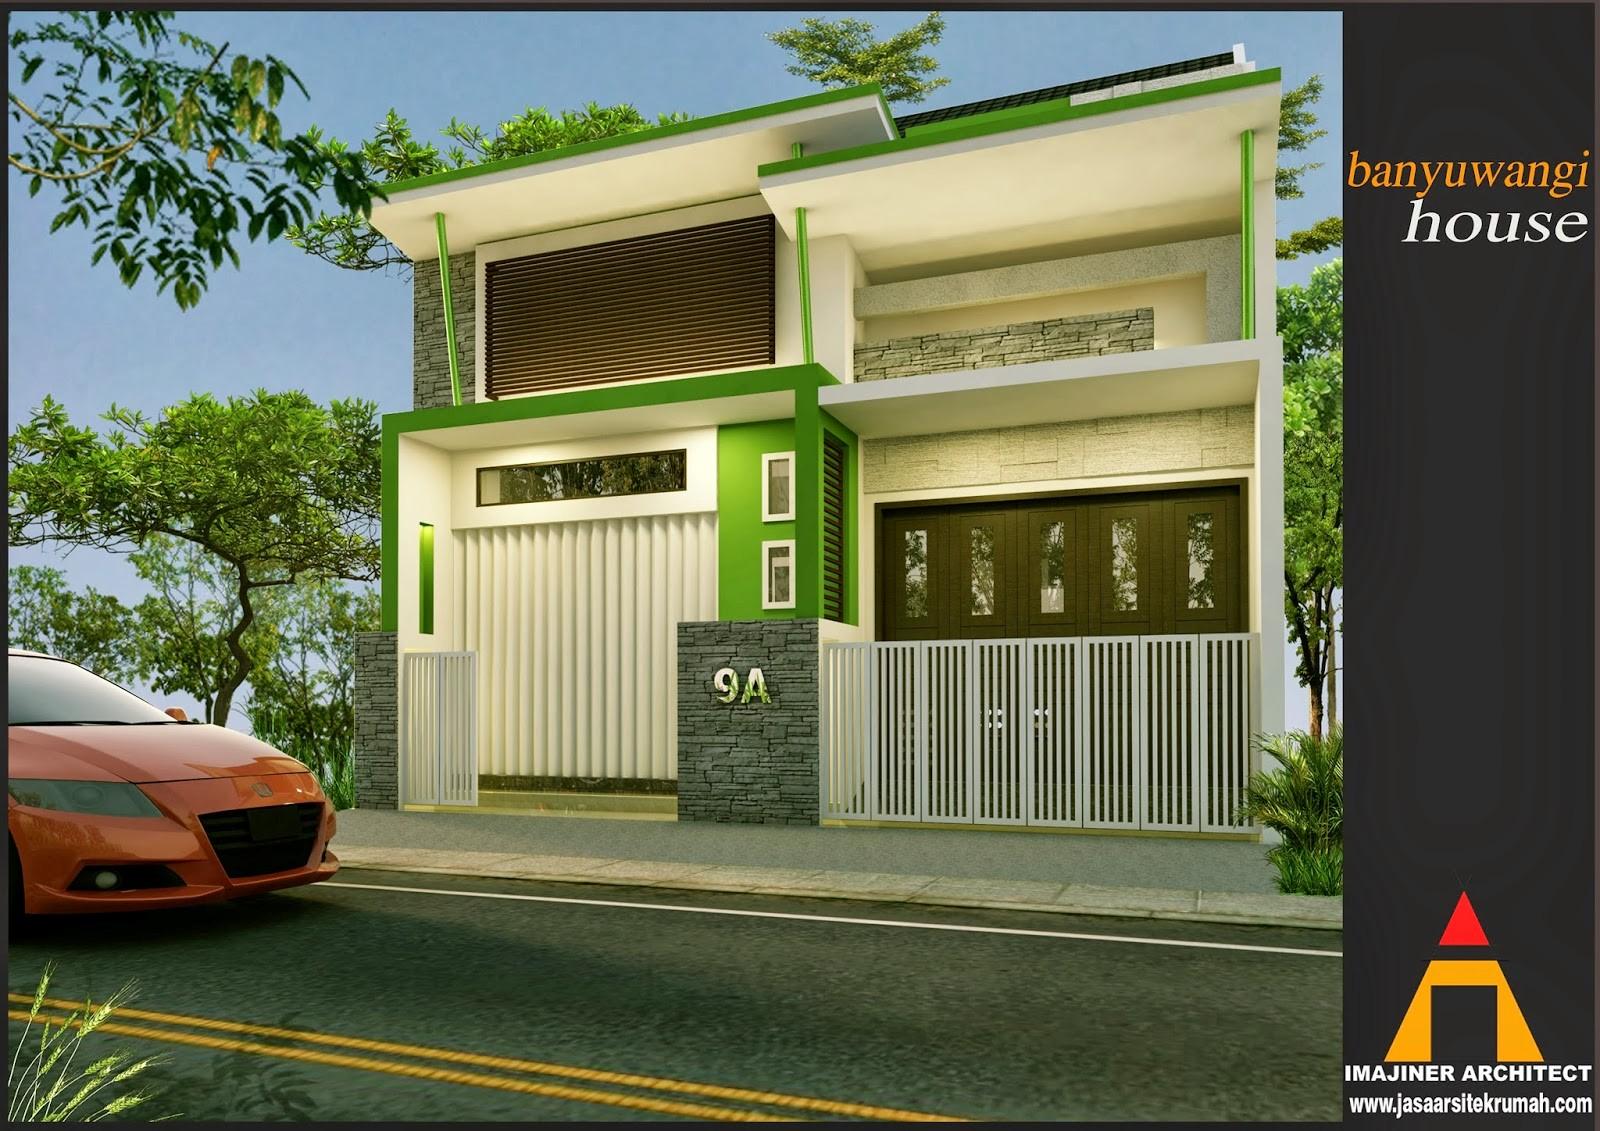 bentuk rumah yang memiliki toko 1